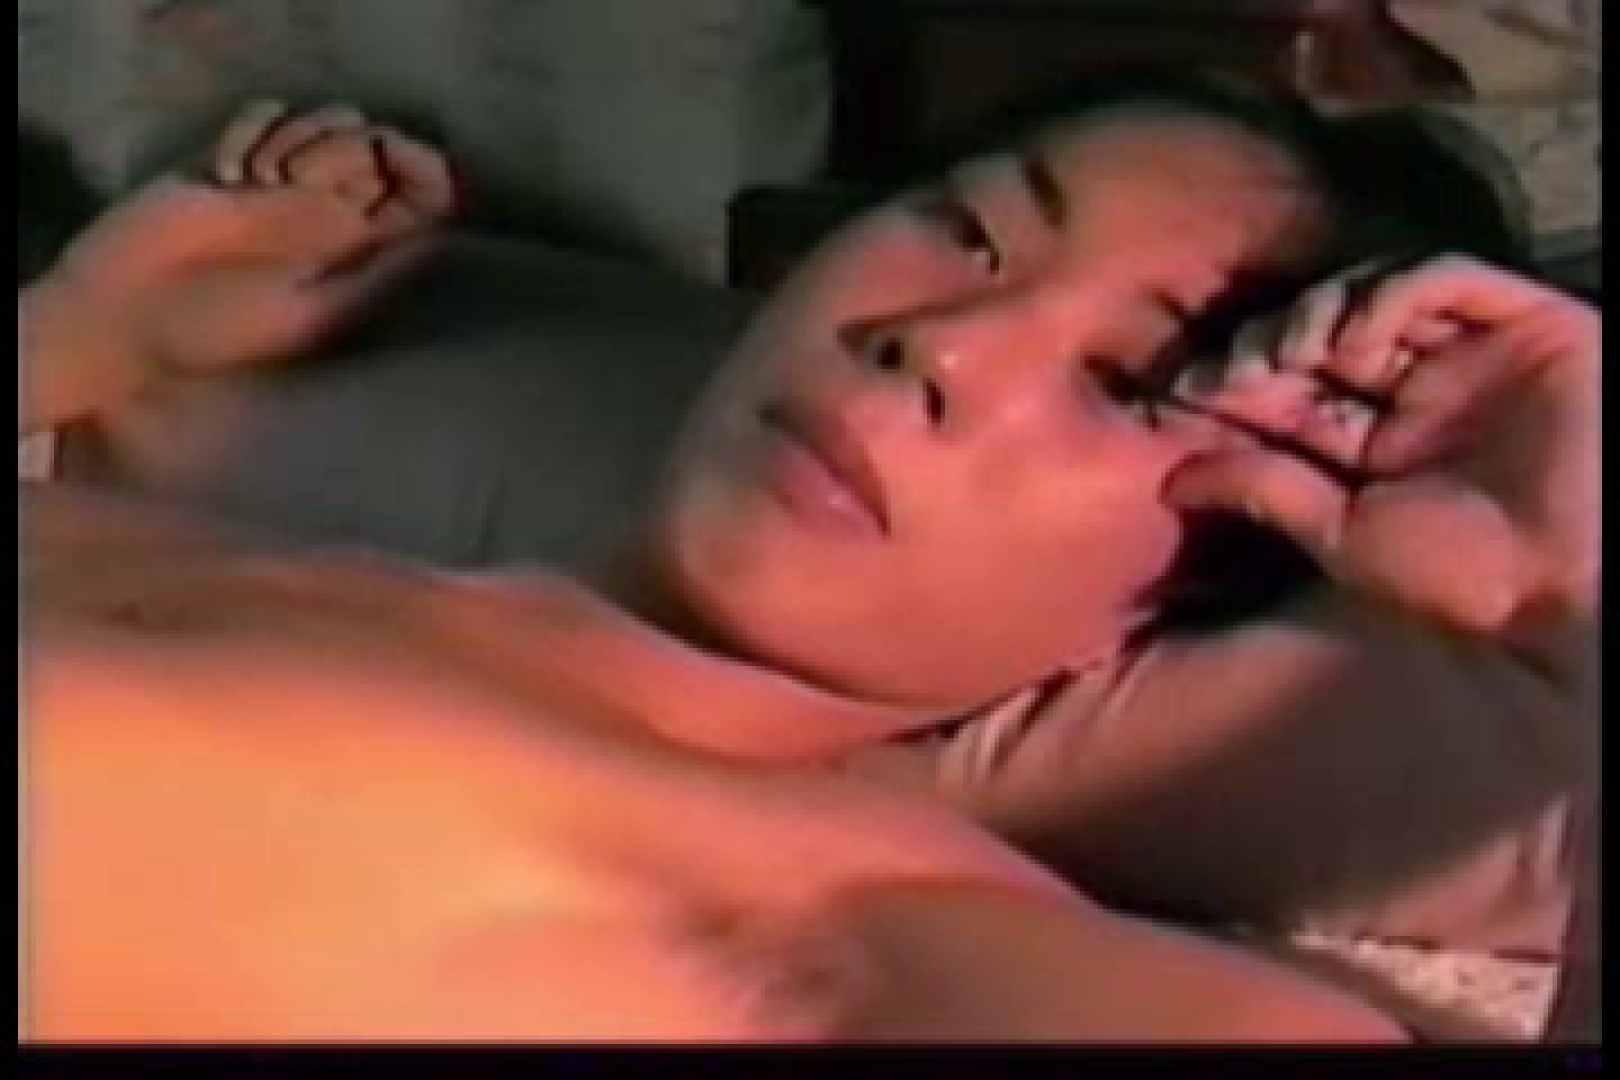 【個人製作】若き男子たちのジャム遊び お口で! ゲイエロ動画 65pic 30